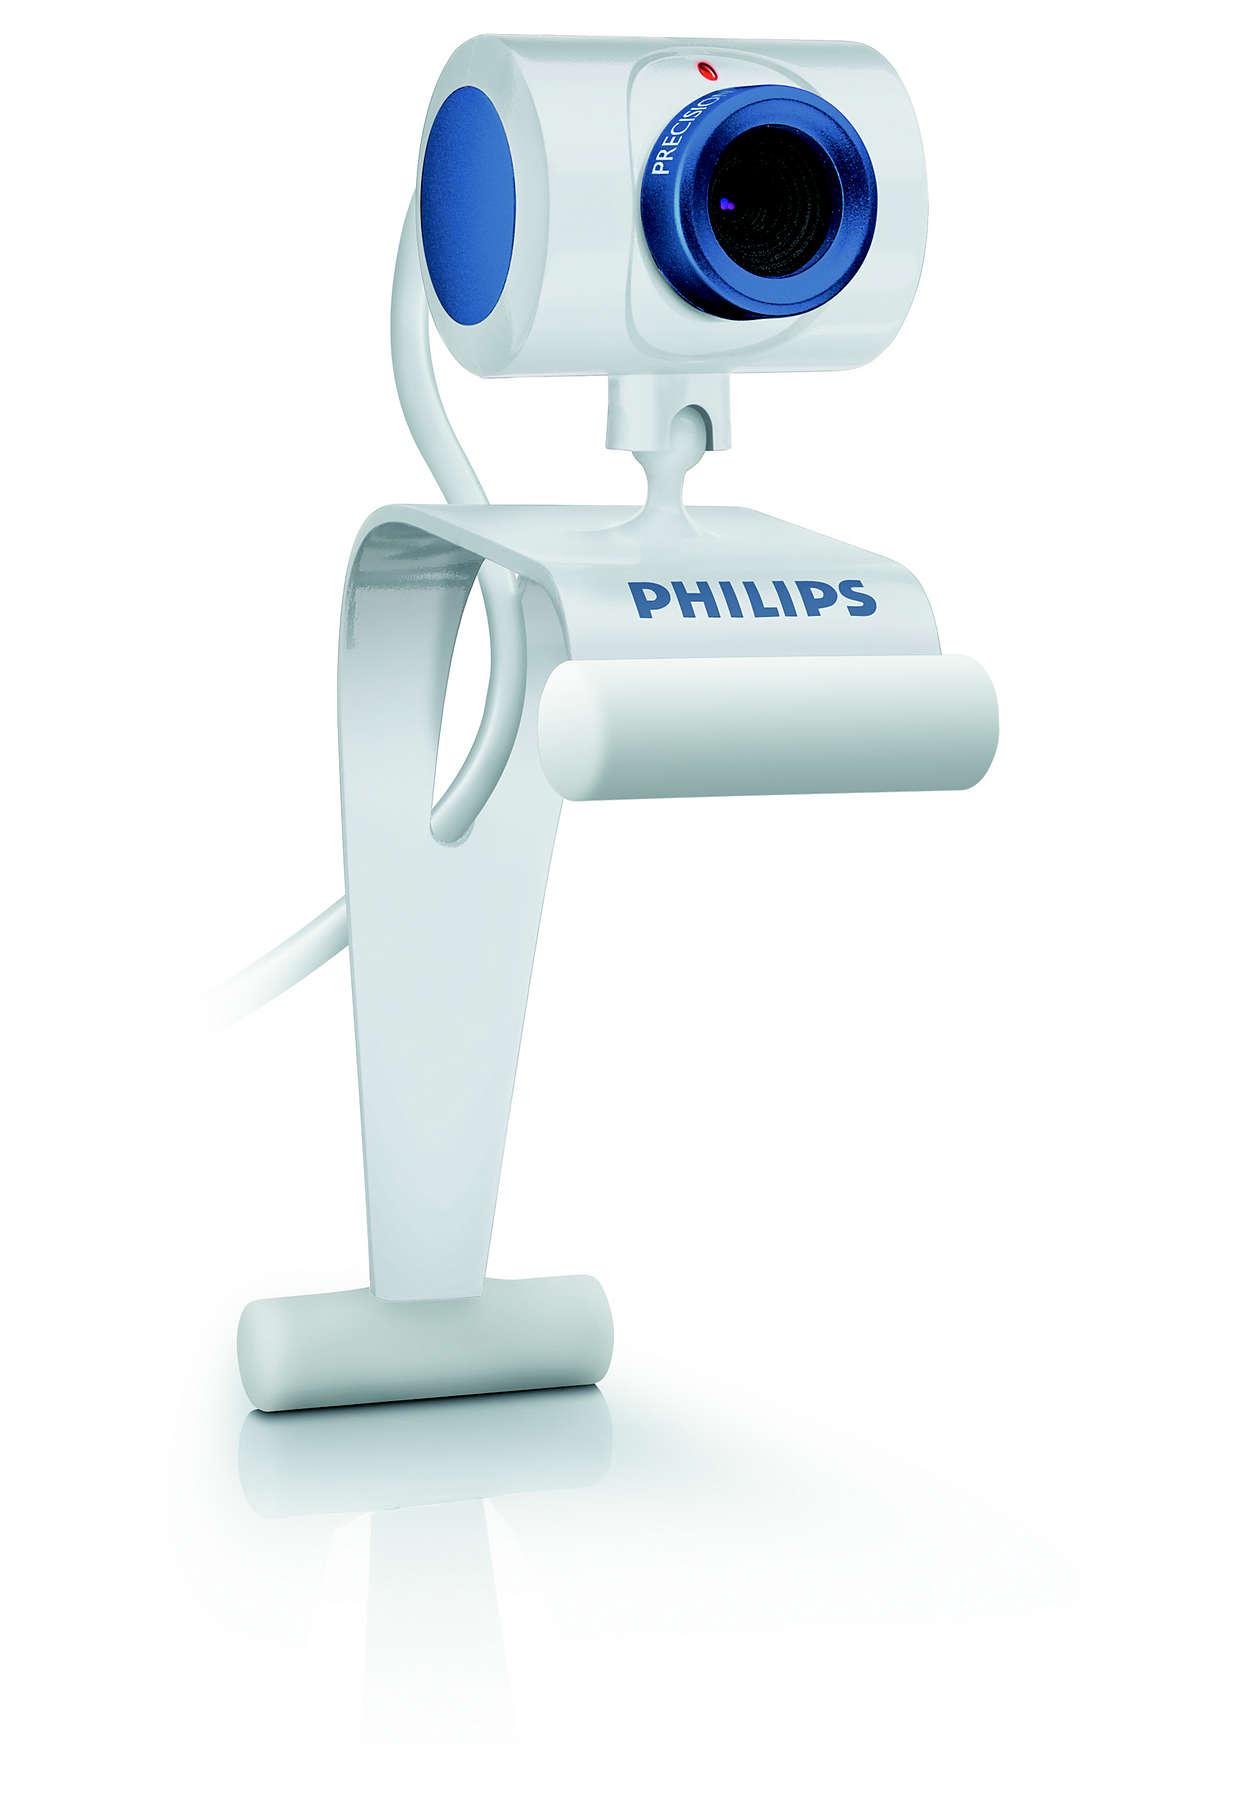 Diskutujte cez videokonferencie teraz!